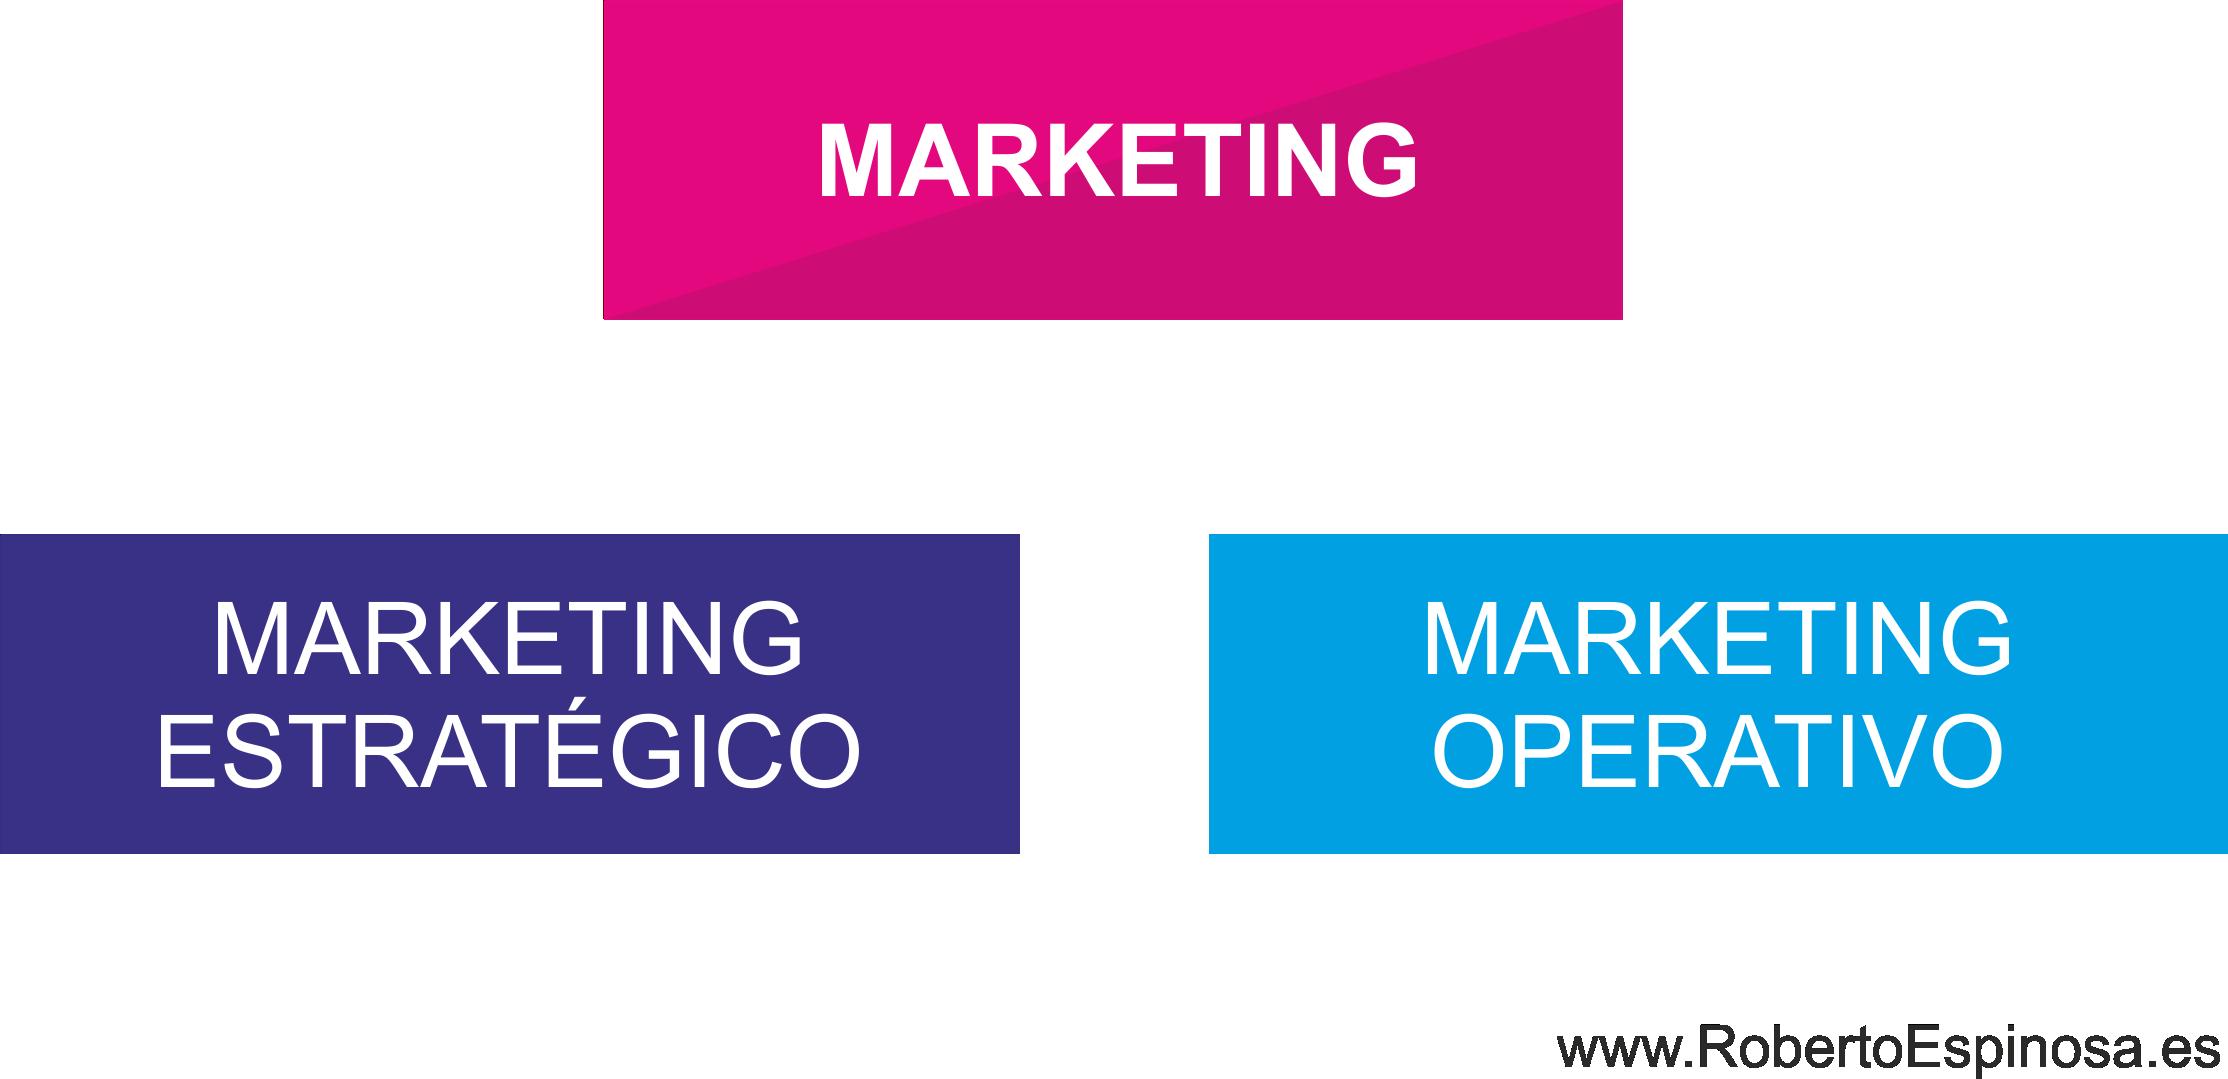 MARKETING ESTRATEGICO: CONCEPTO, FUNCIONES Y EJEMPLOS | Roberto Espinosa